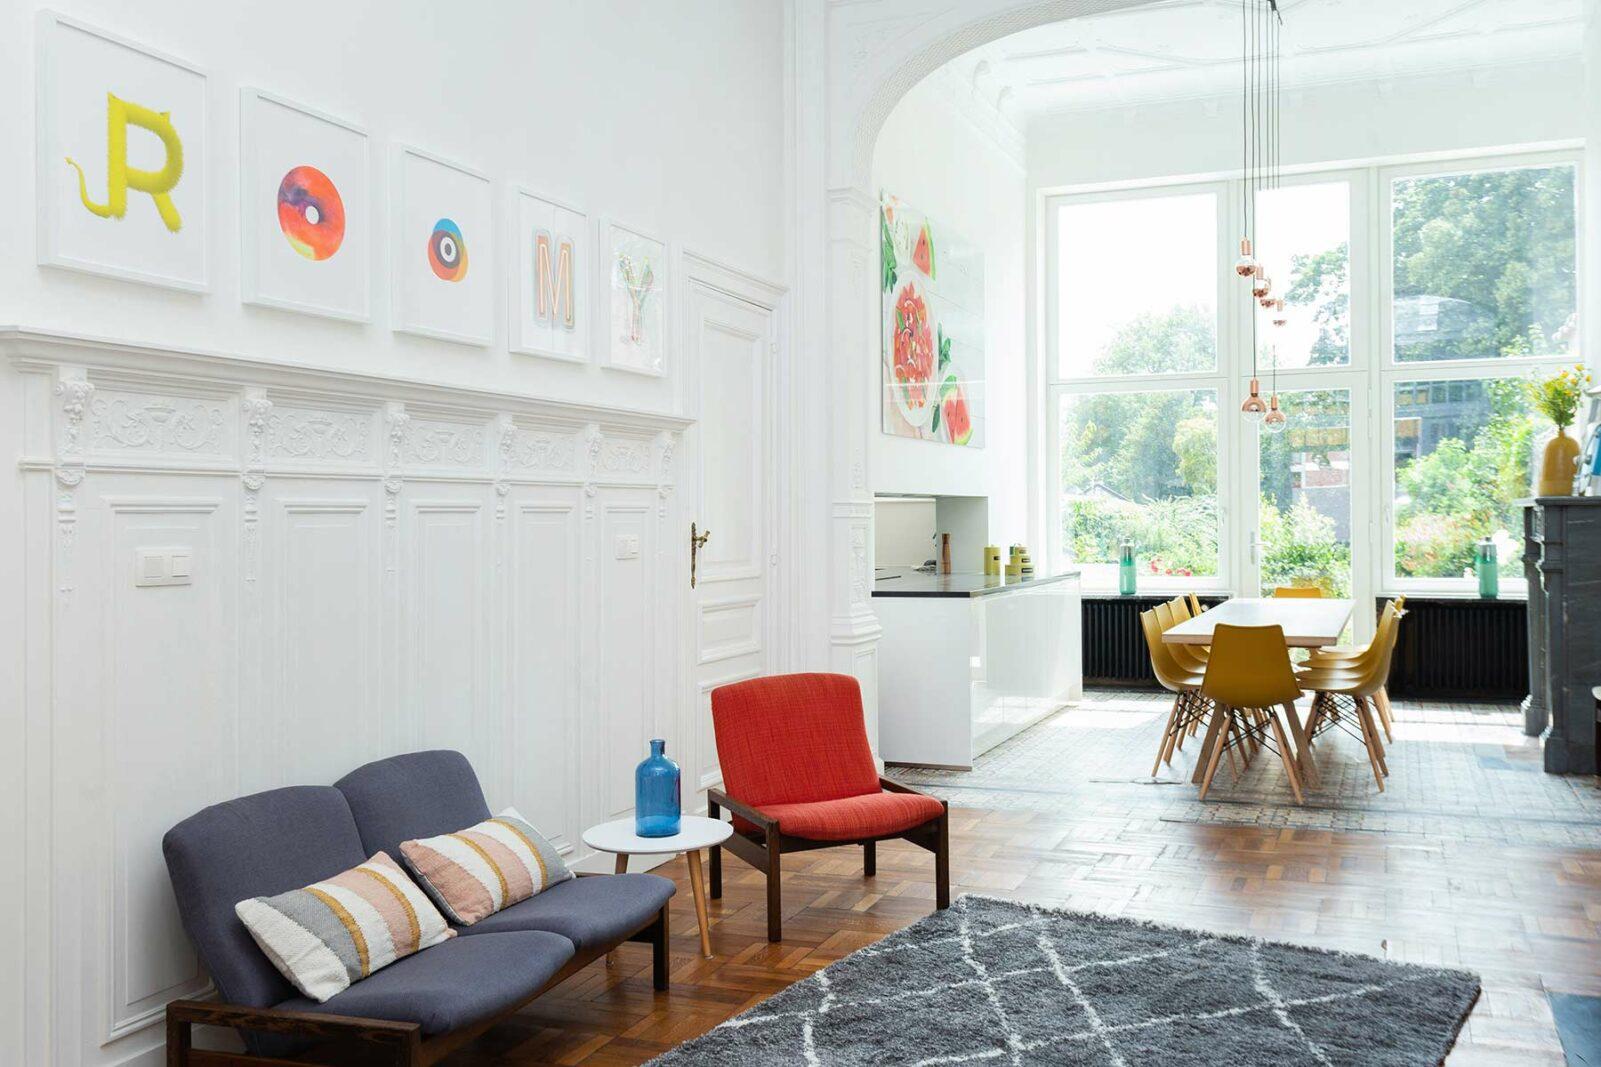 Salon salle à manger cuisine maison Roomy Bruxelles